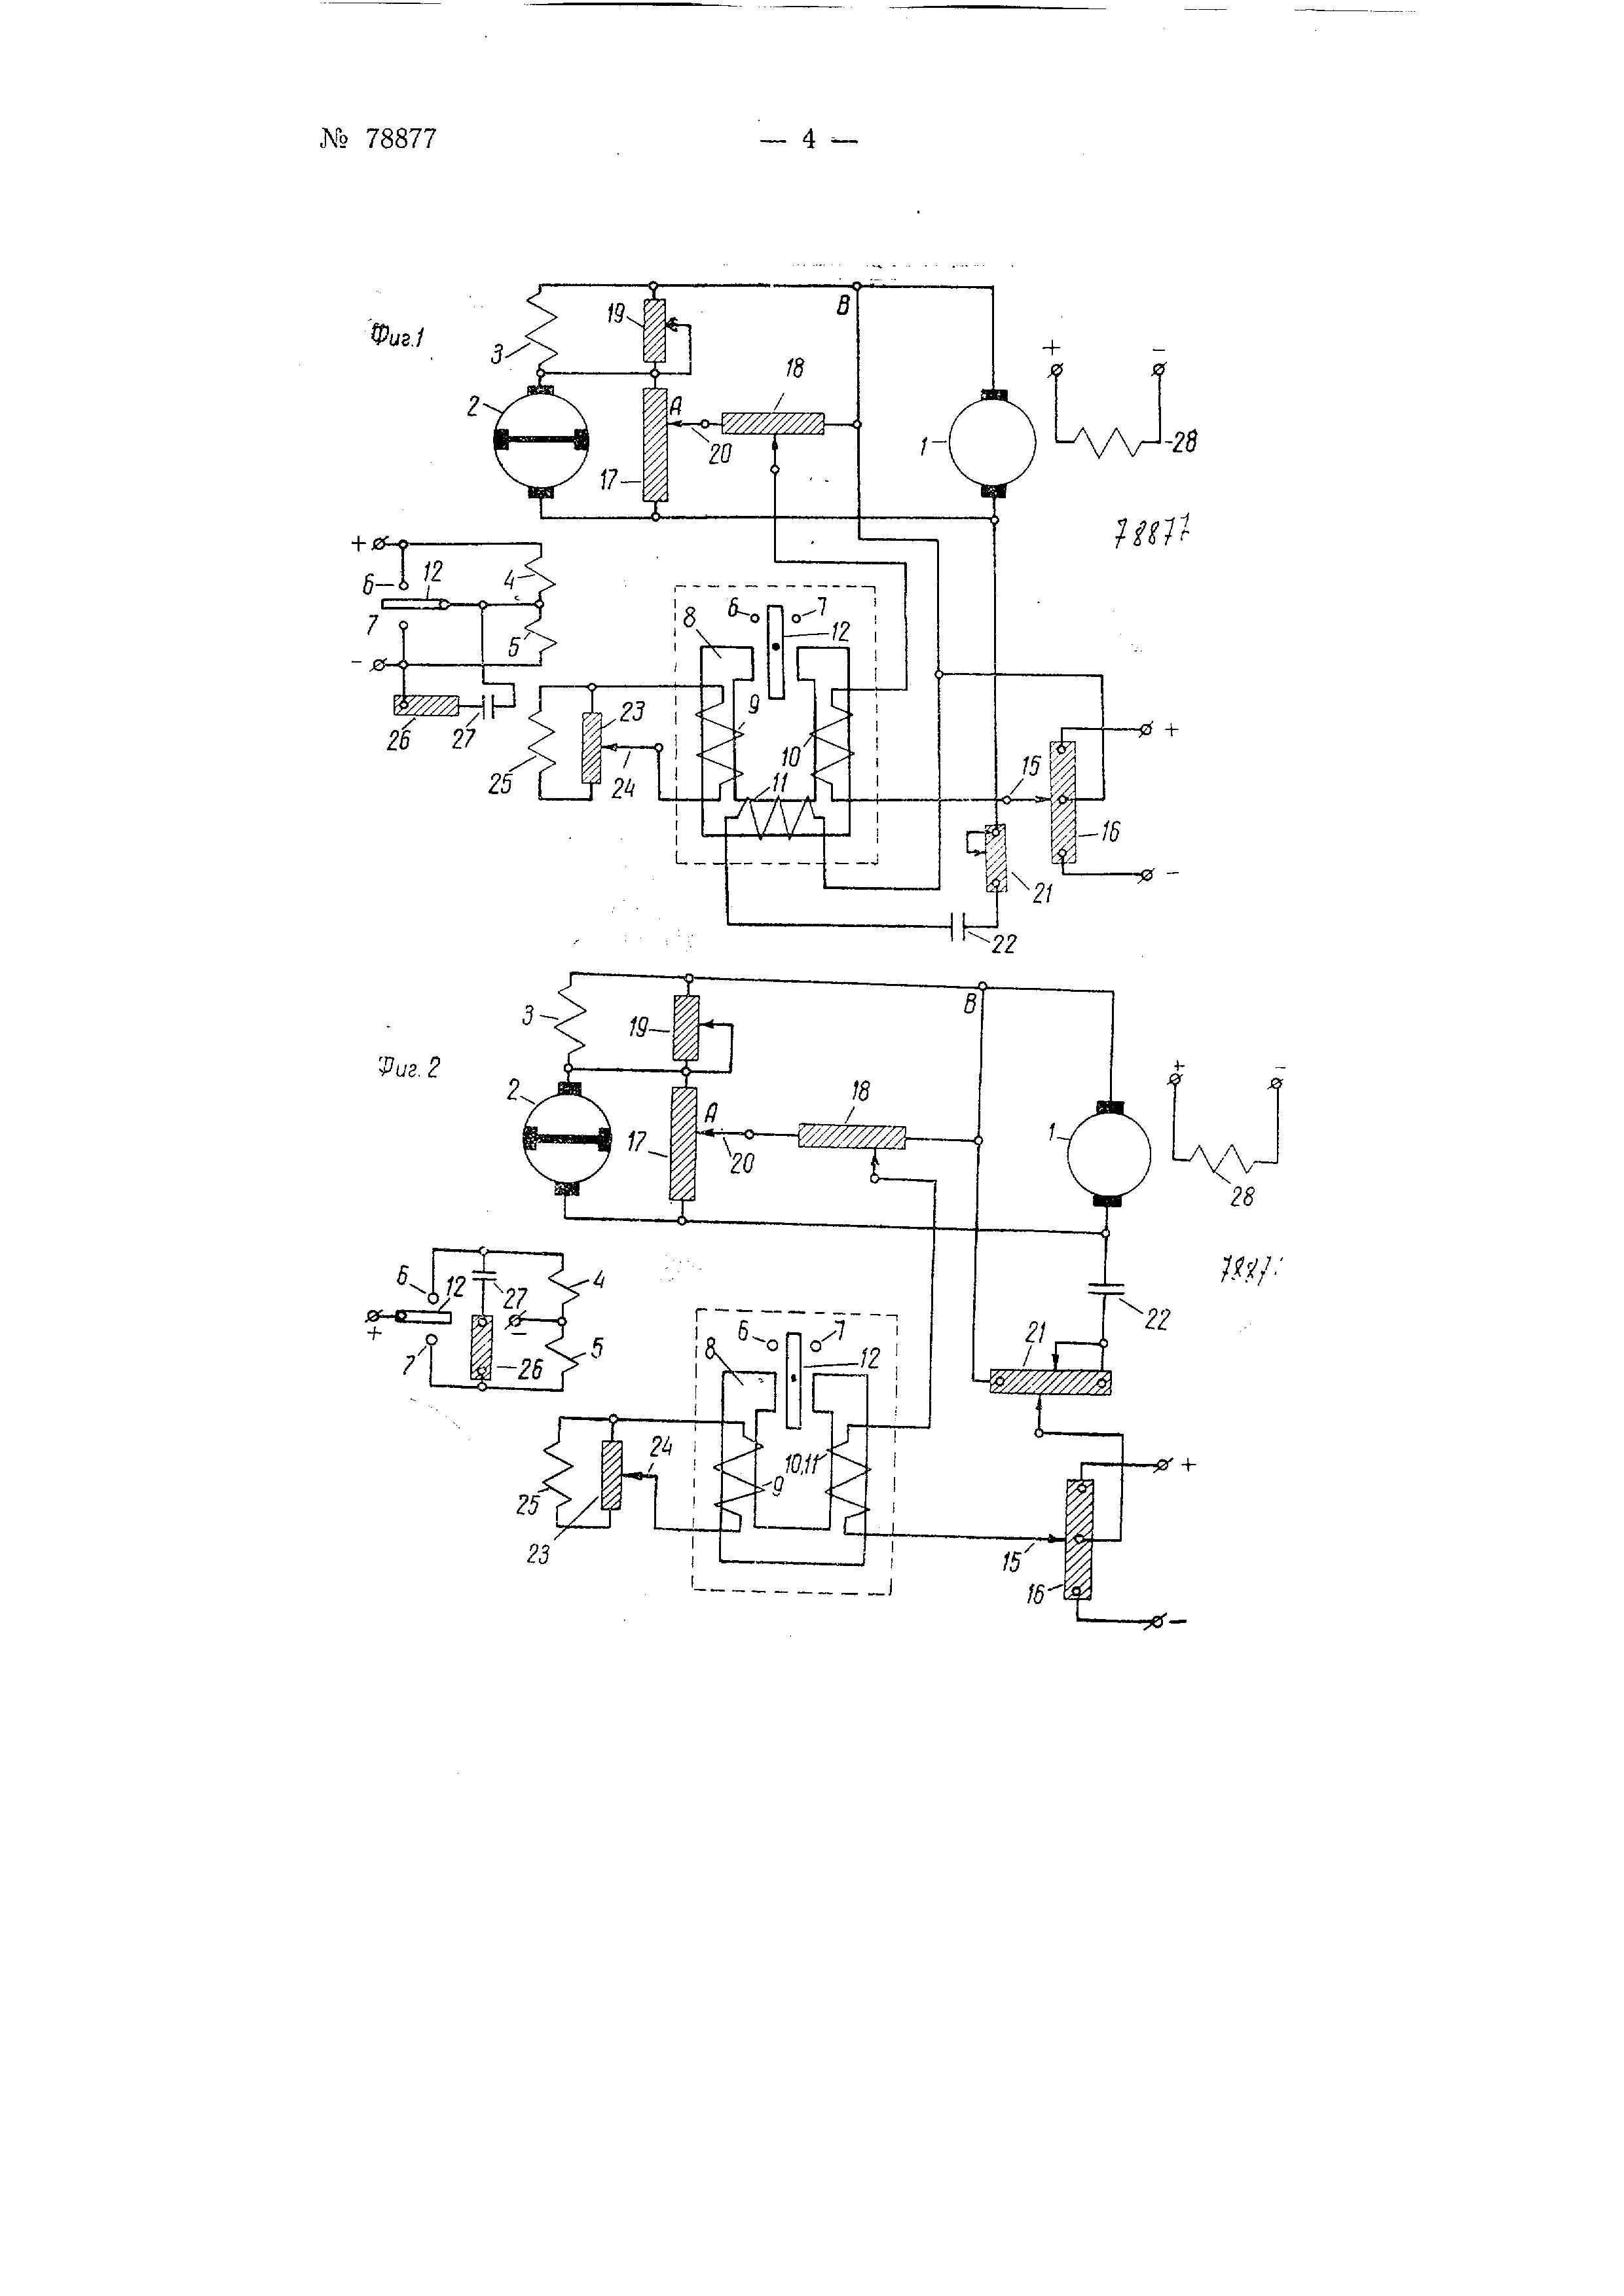 land rover discovery 3 штатный усилитель схема